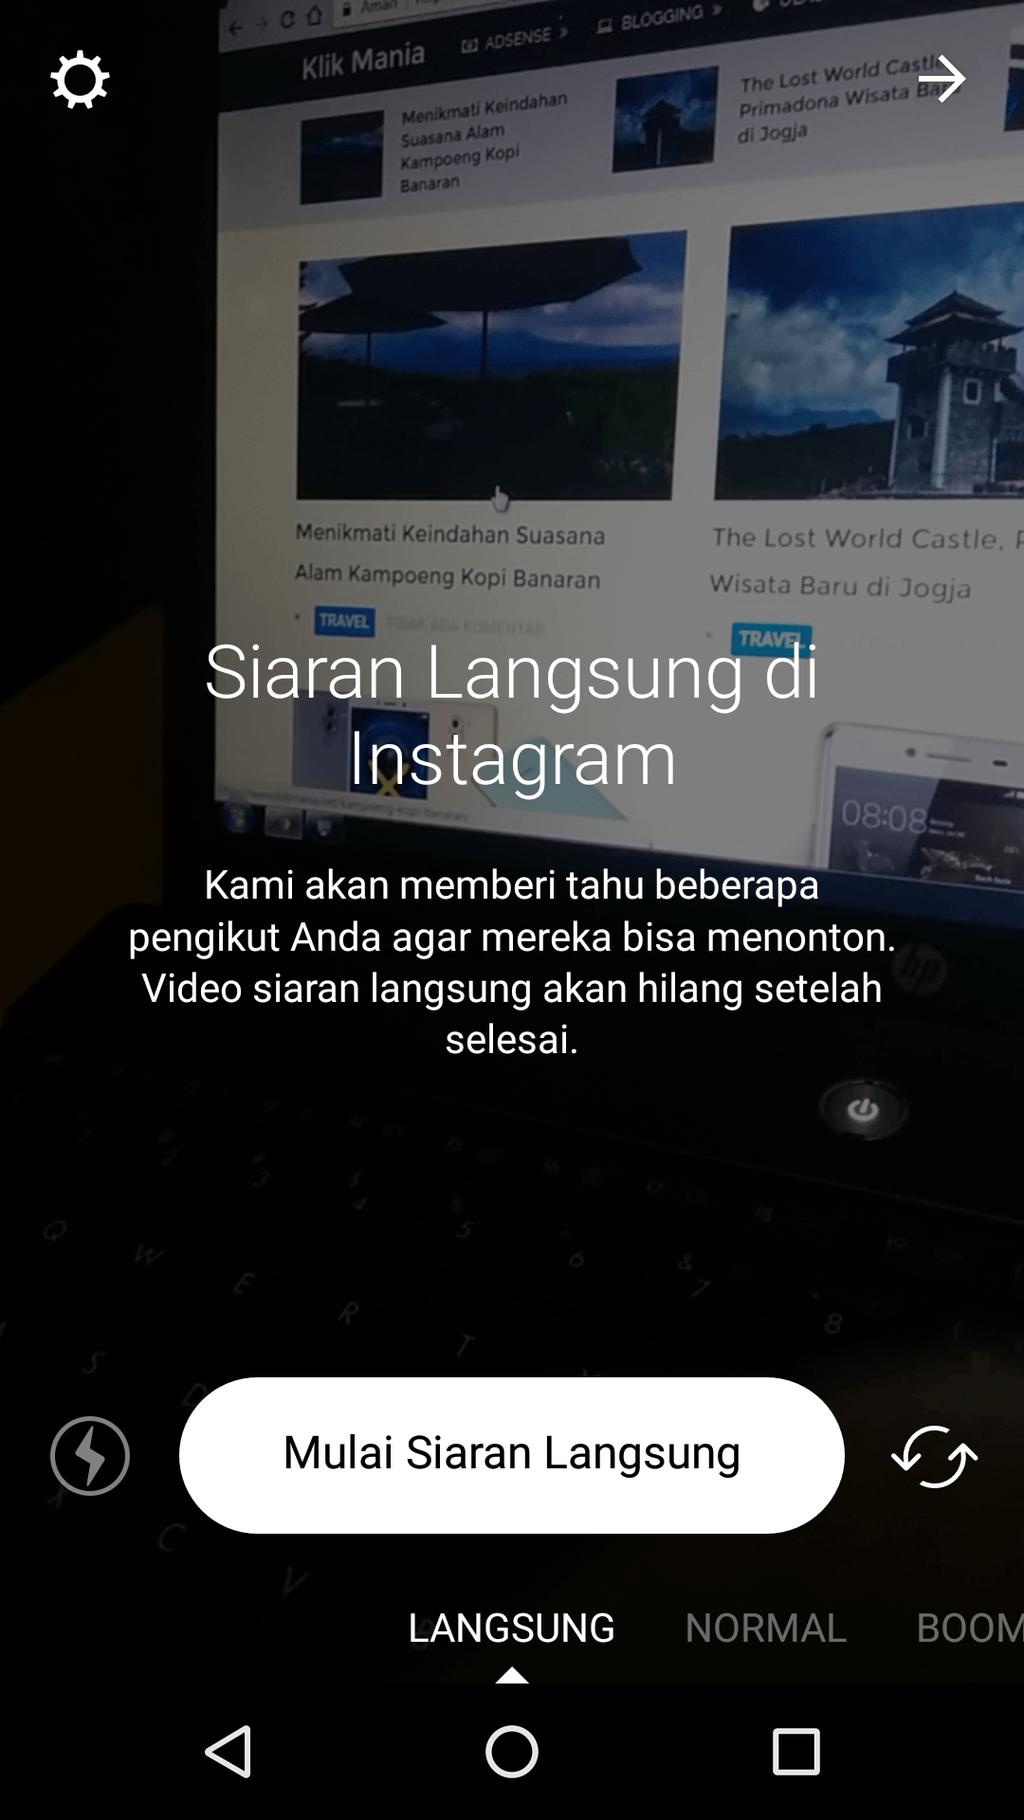 Live Video di Instagram